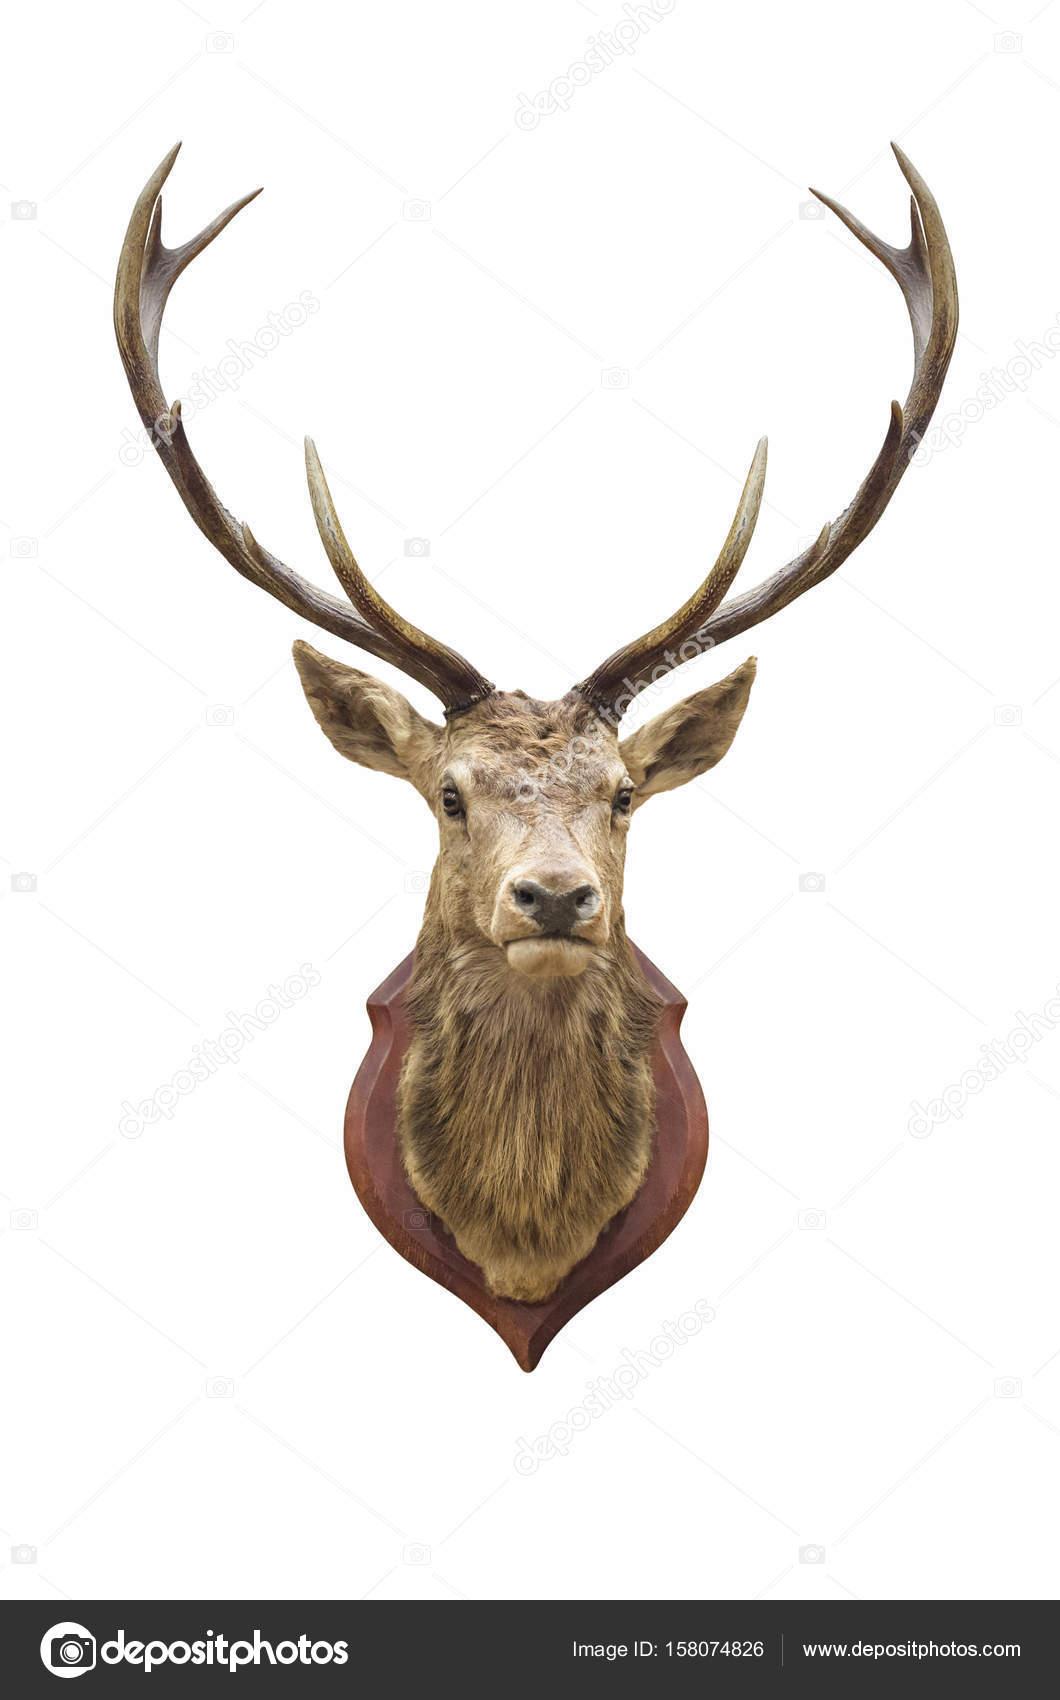 cabeza de ciervo disecado — Foto de stock © nirutdps #158074826